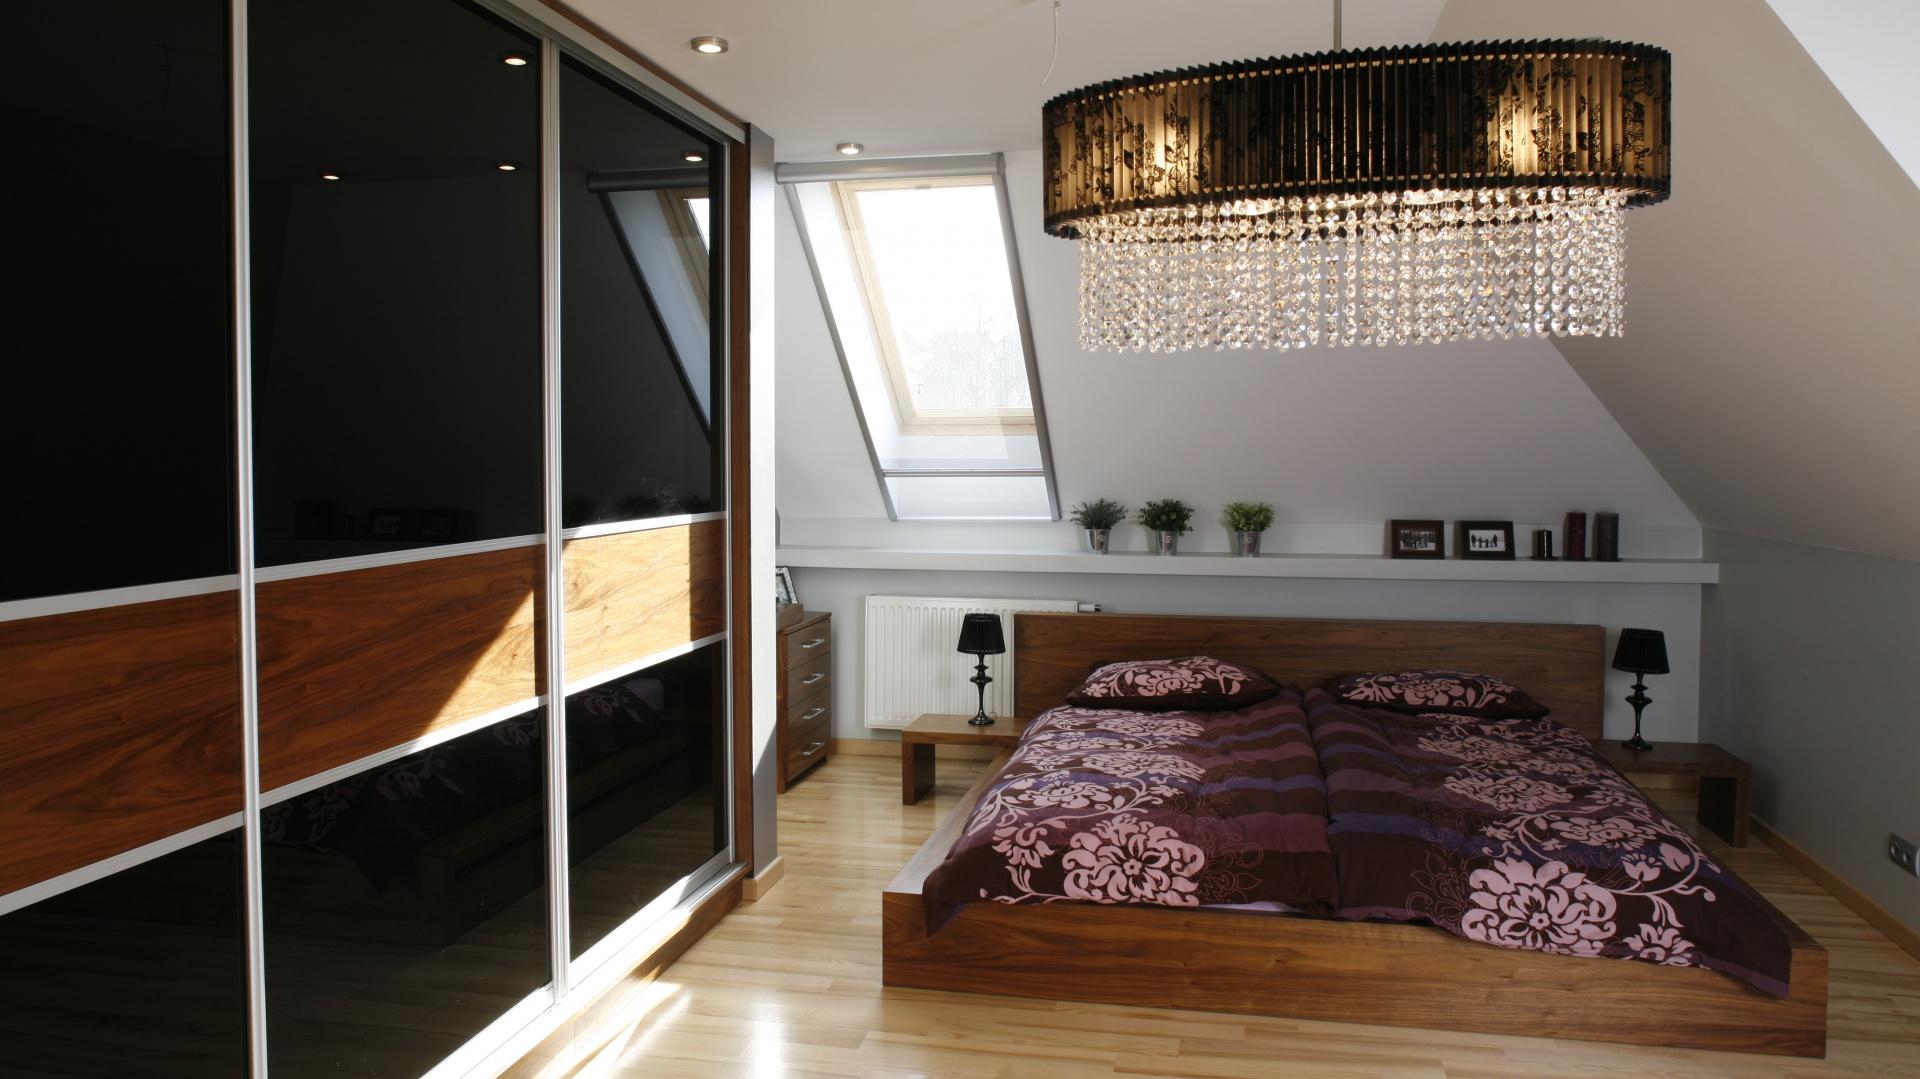 W małżeńskiej sypialni musi znaleźć się pojemna szafa. Ważne jest aby była praktyczna i na tyle duża, by pomieścić ubrania oraz rzeczy osobiste obu małżonków. Projekt: Anna Gruner. Fot. Bartosz Jarosz.